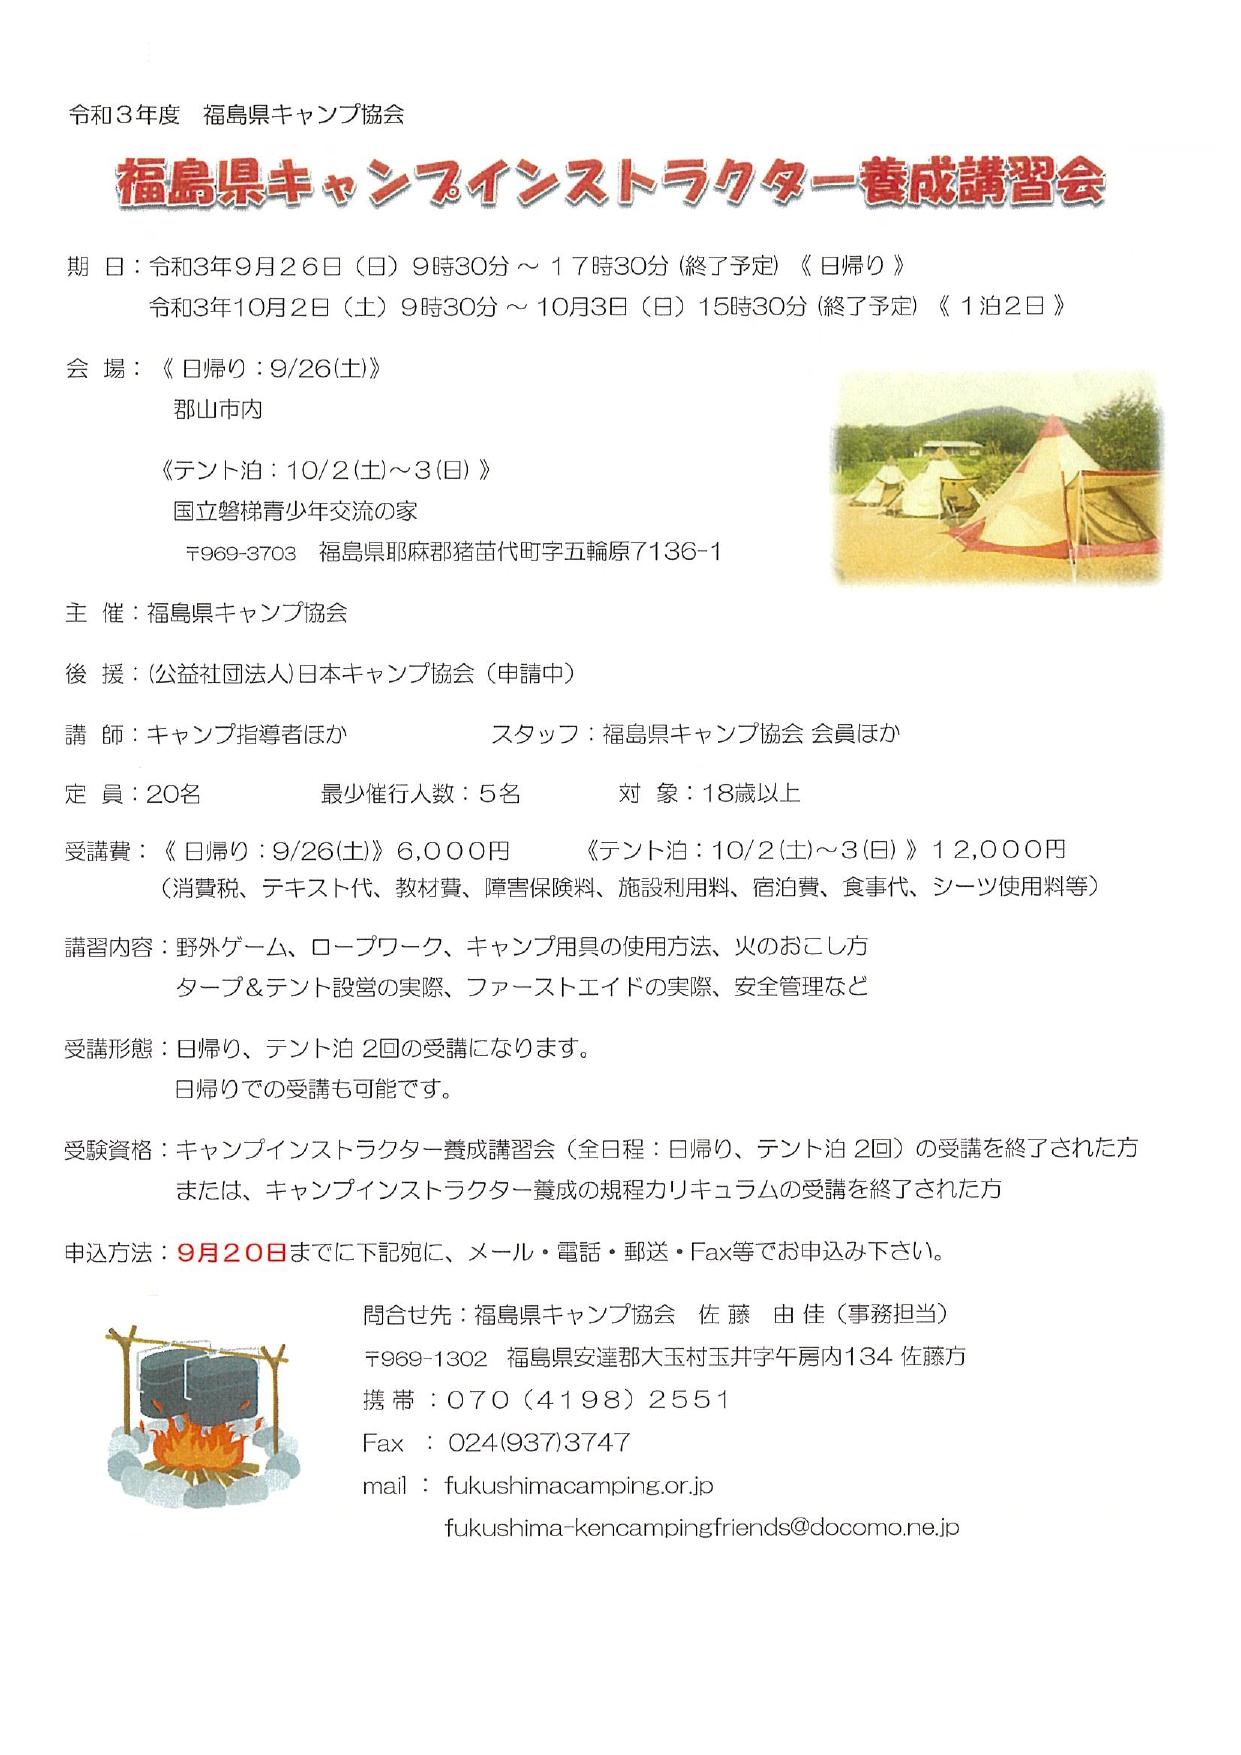 福島:キャンプインストラクター養成講習会(9/26&10/2~3) @ 郡山市内